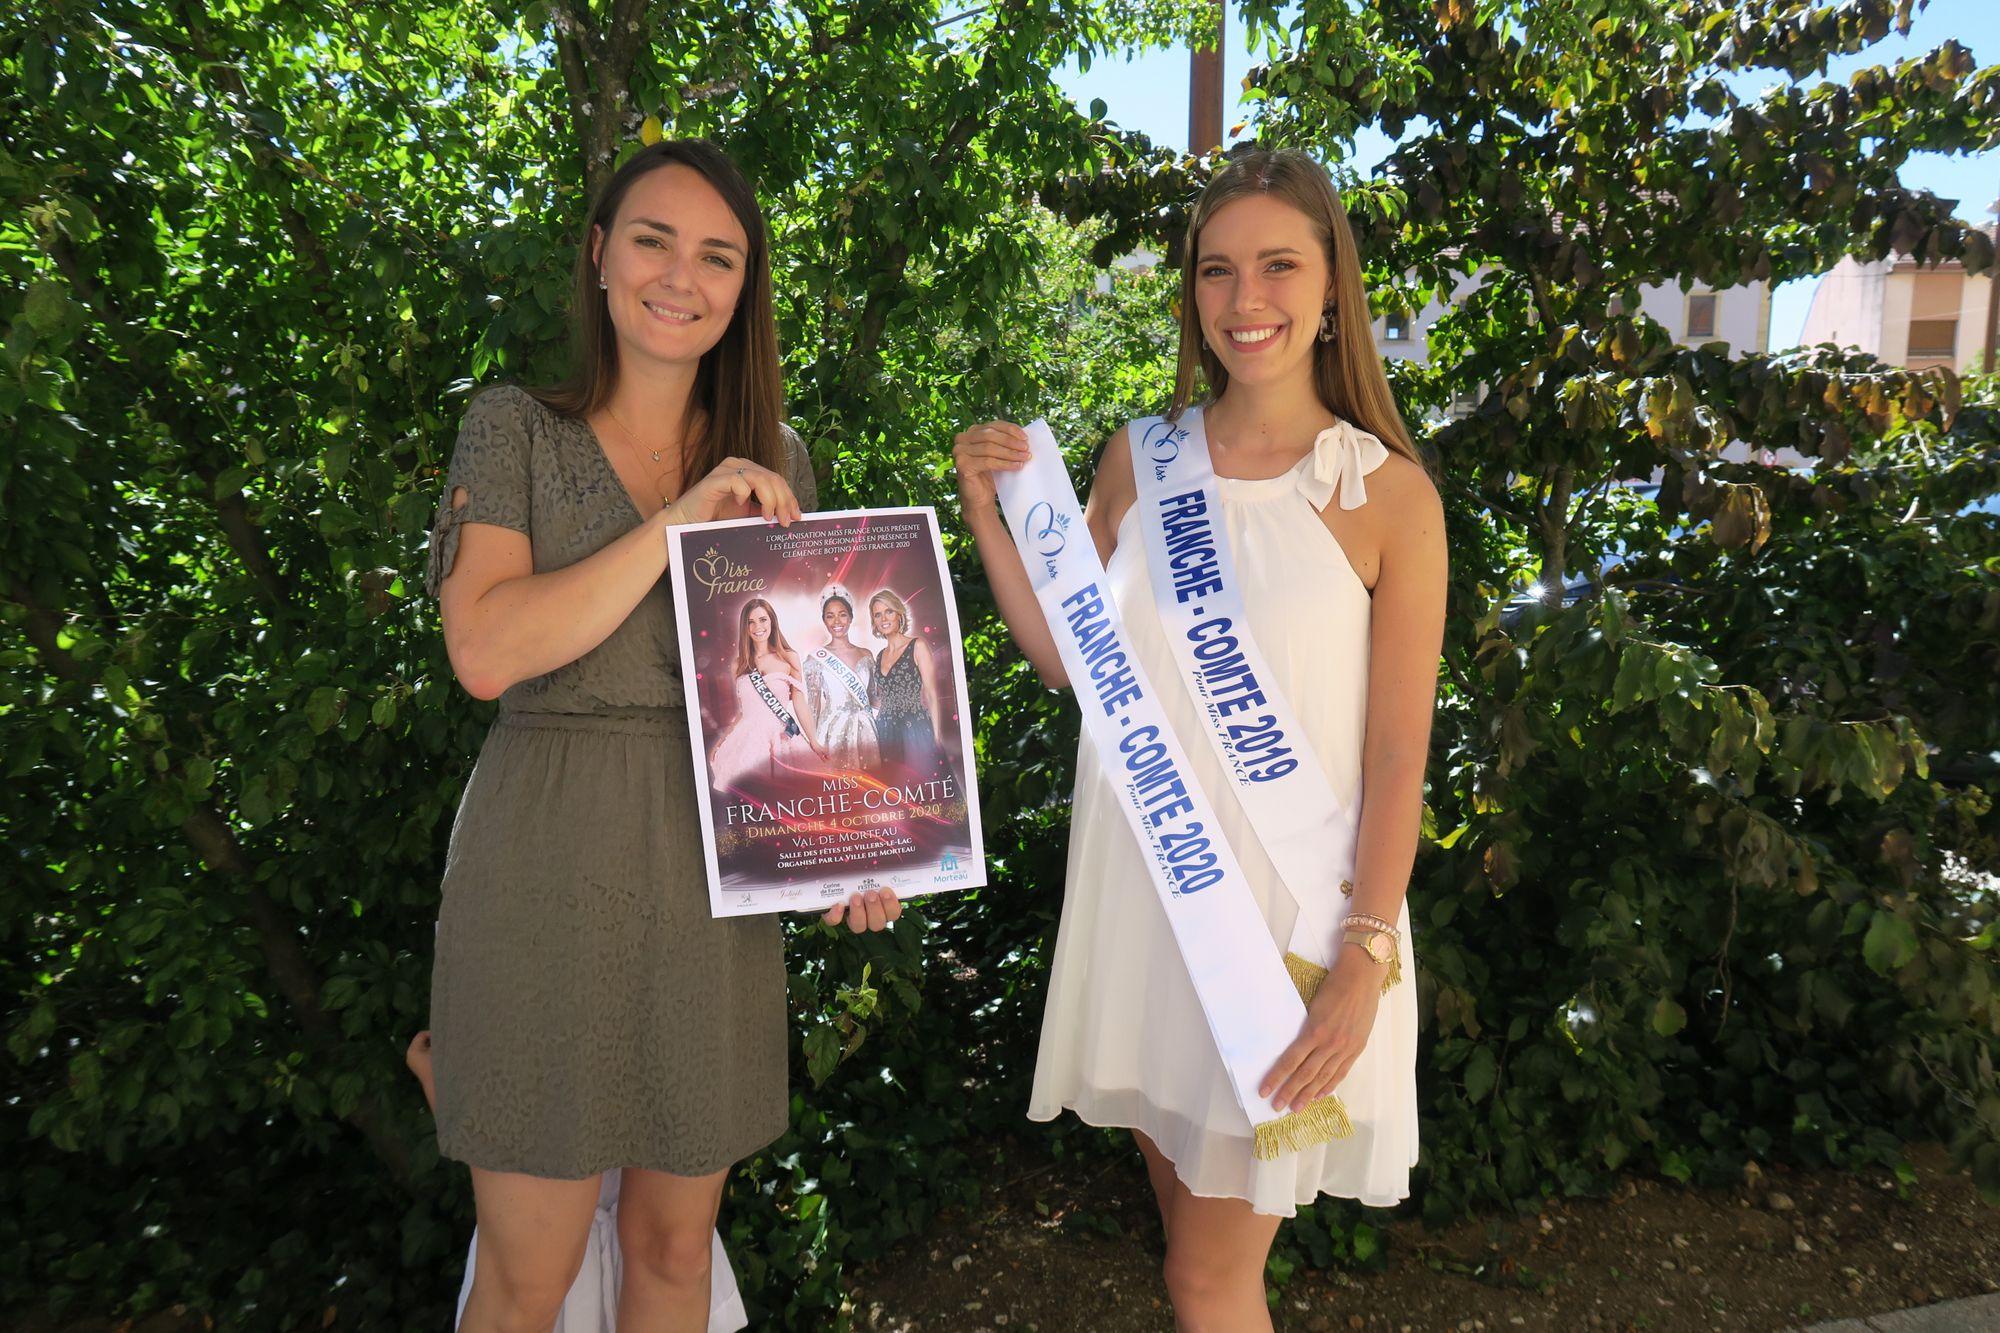 La prochaine Miss Franche-Comté sera élue dans le Val de Morteau